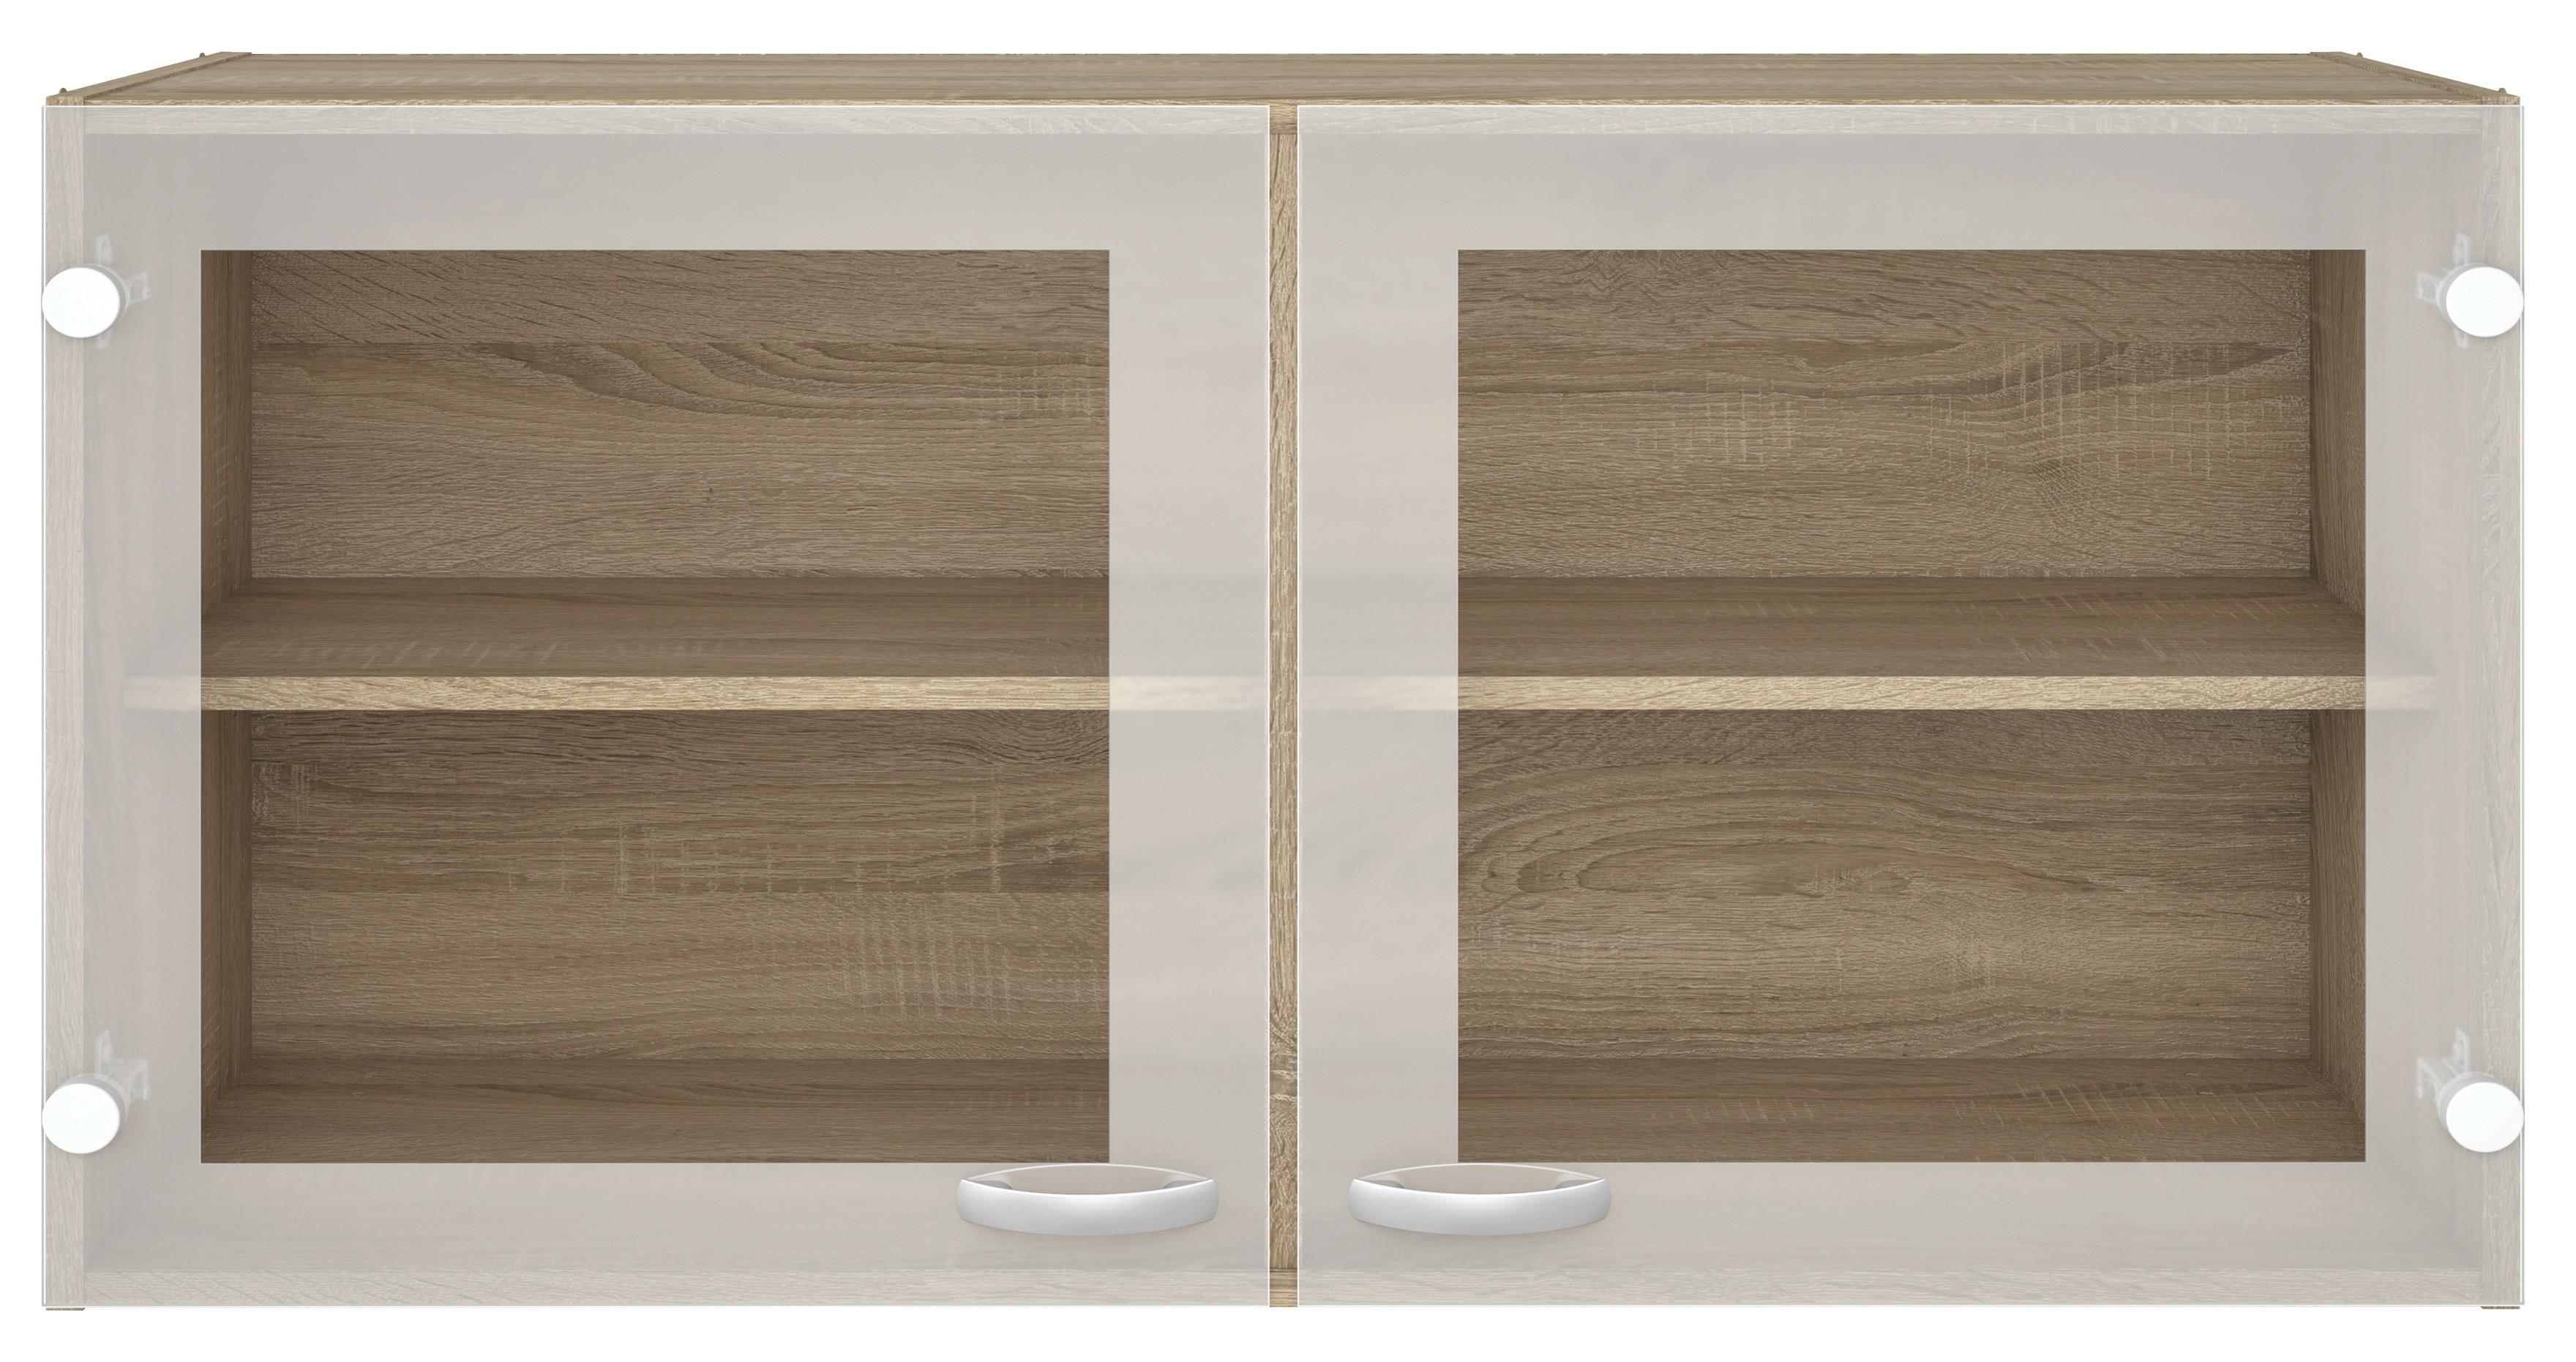 Ante Vetro Cucina pensile cucina 2 ante vetro legno finitura quercia cm 98x34x54h tvilum